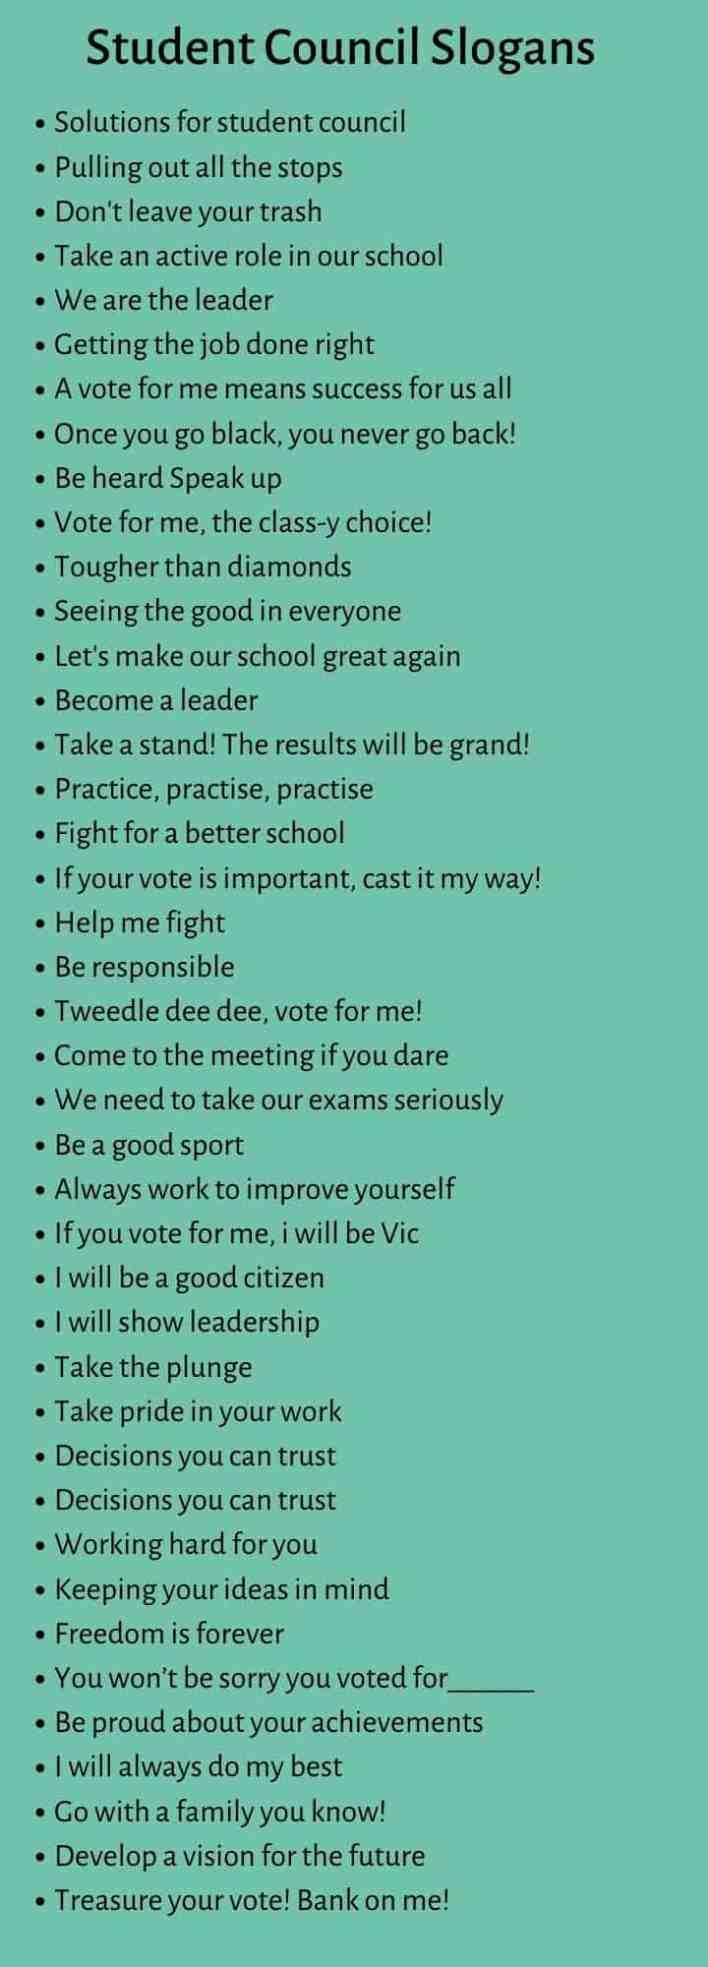 Student Council Slogans